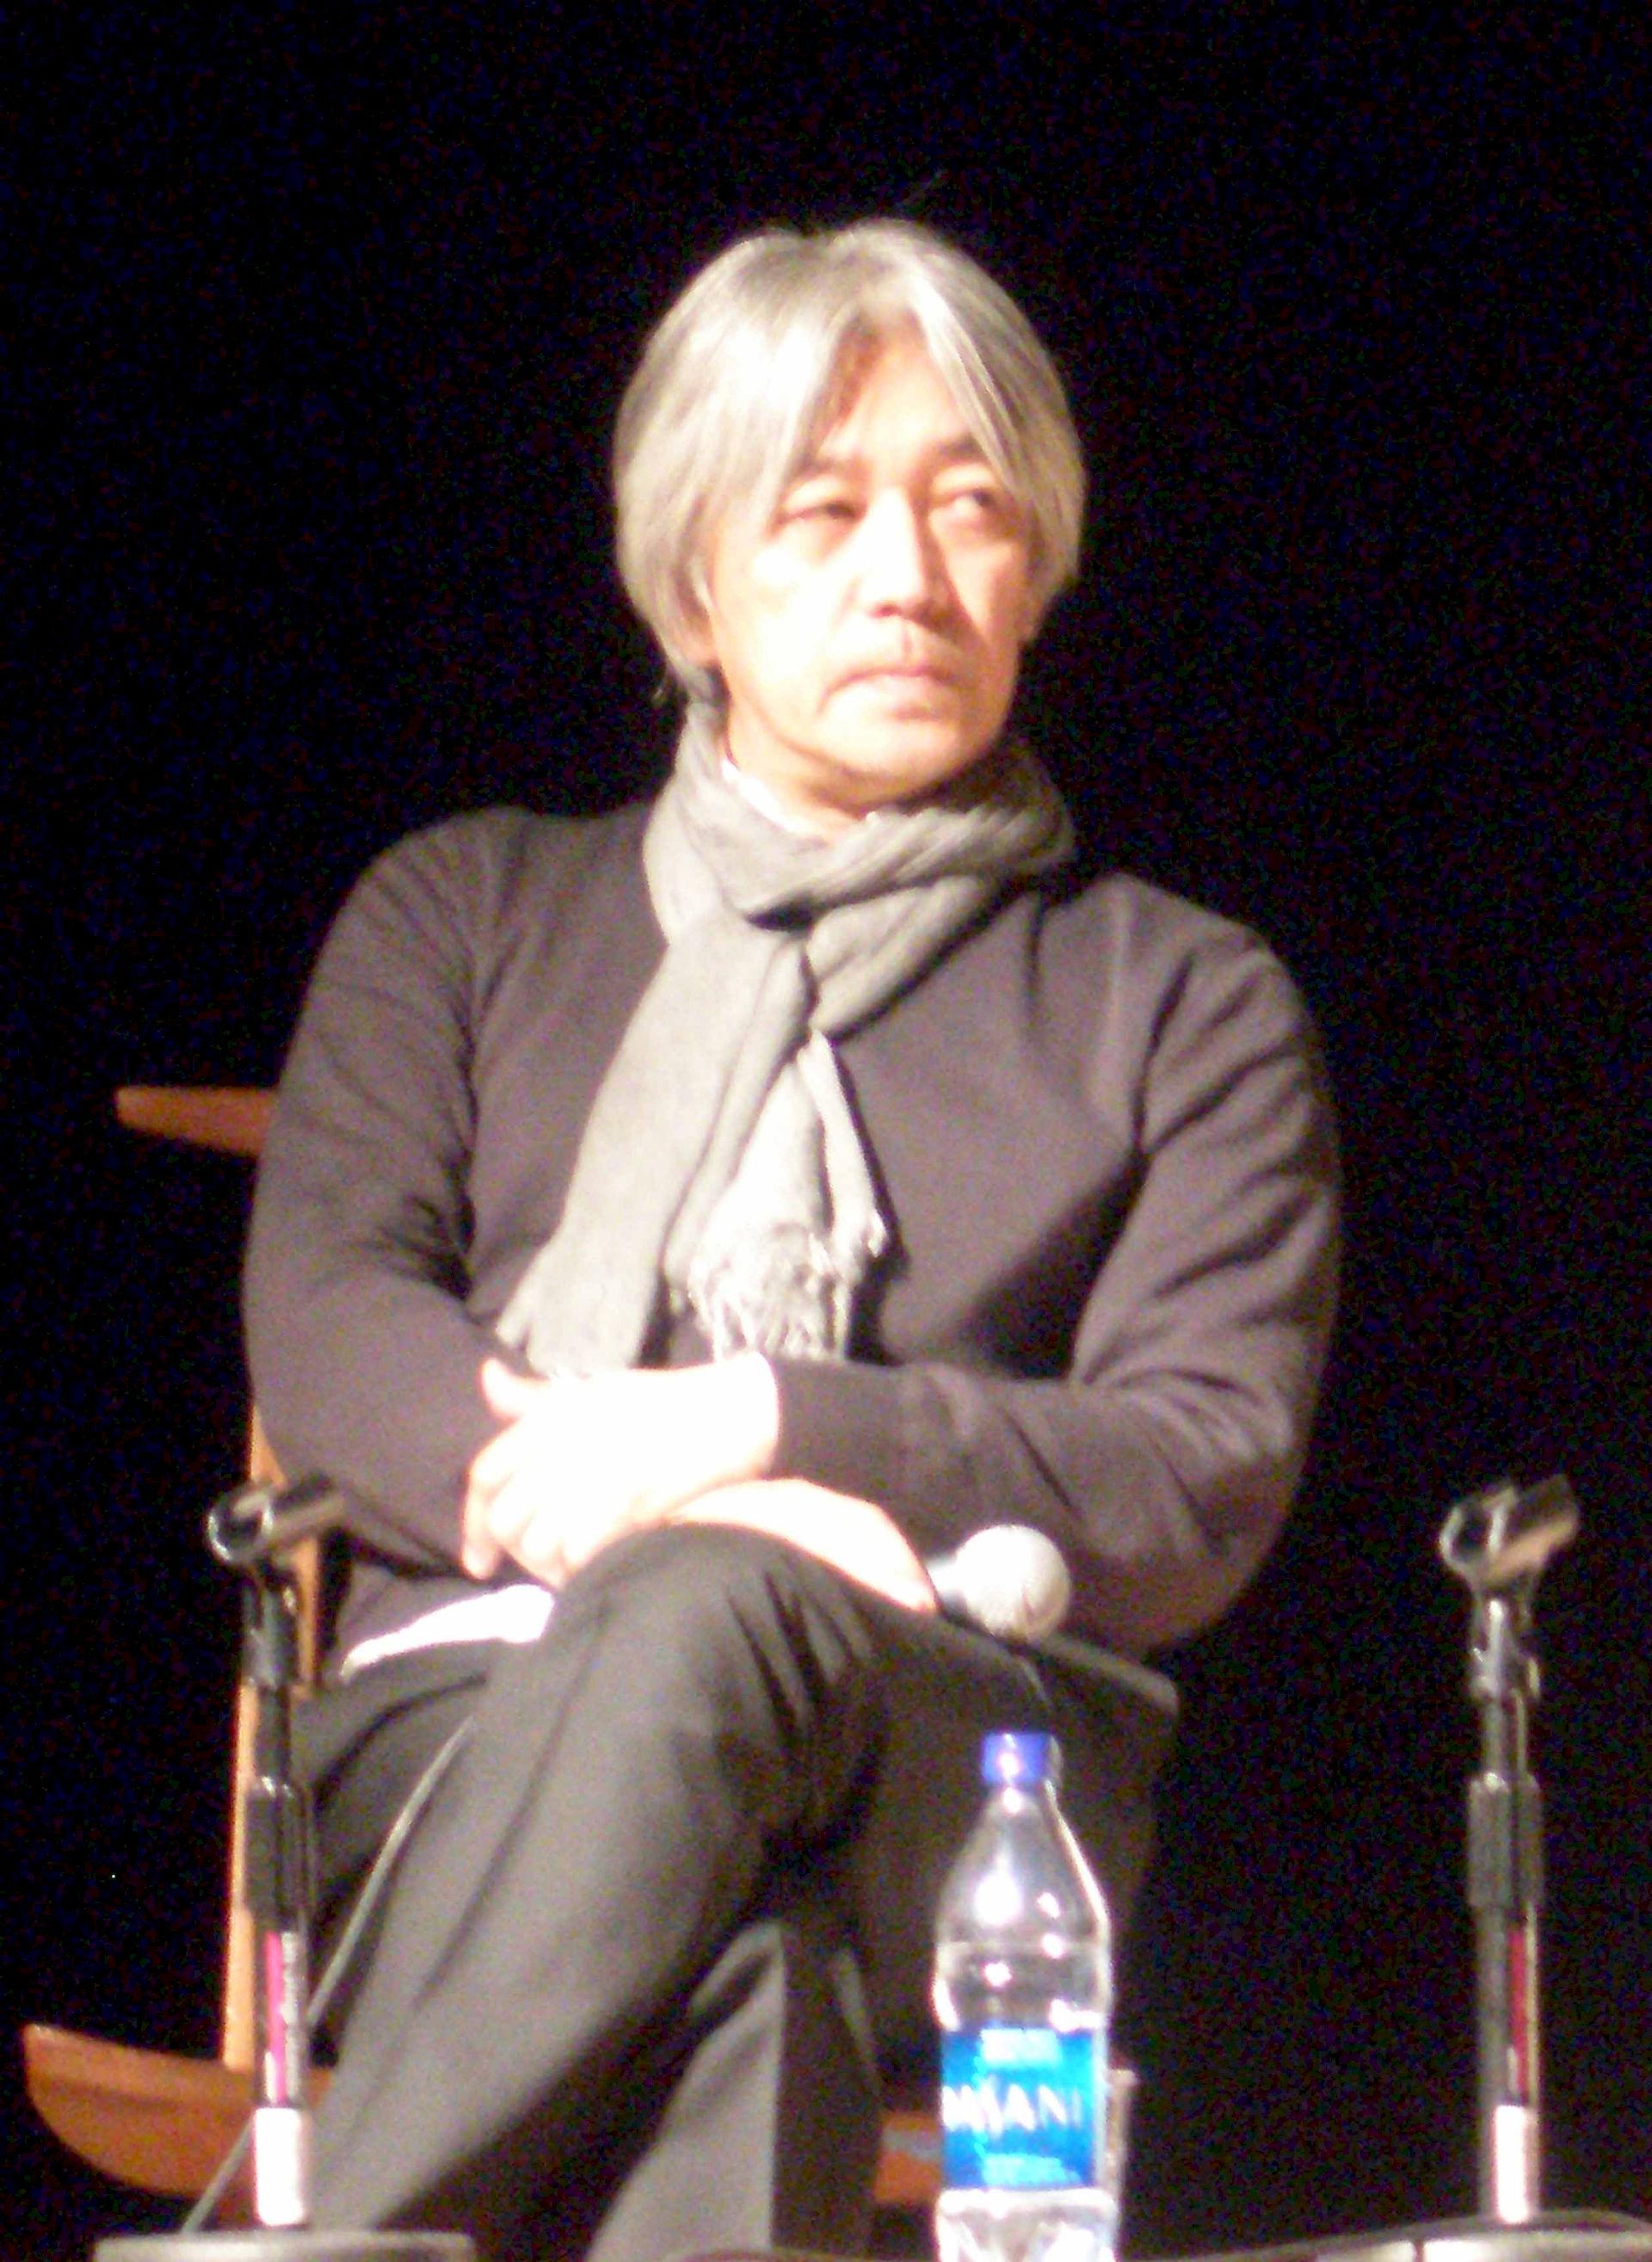 Photo of Ryuichi Sakamoto: Japanese musician